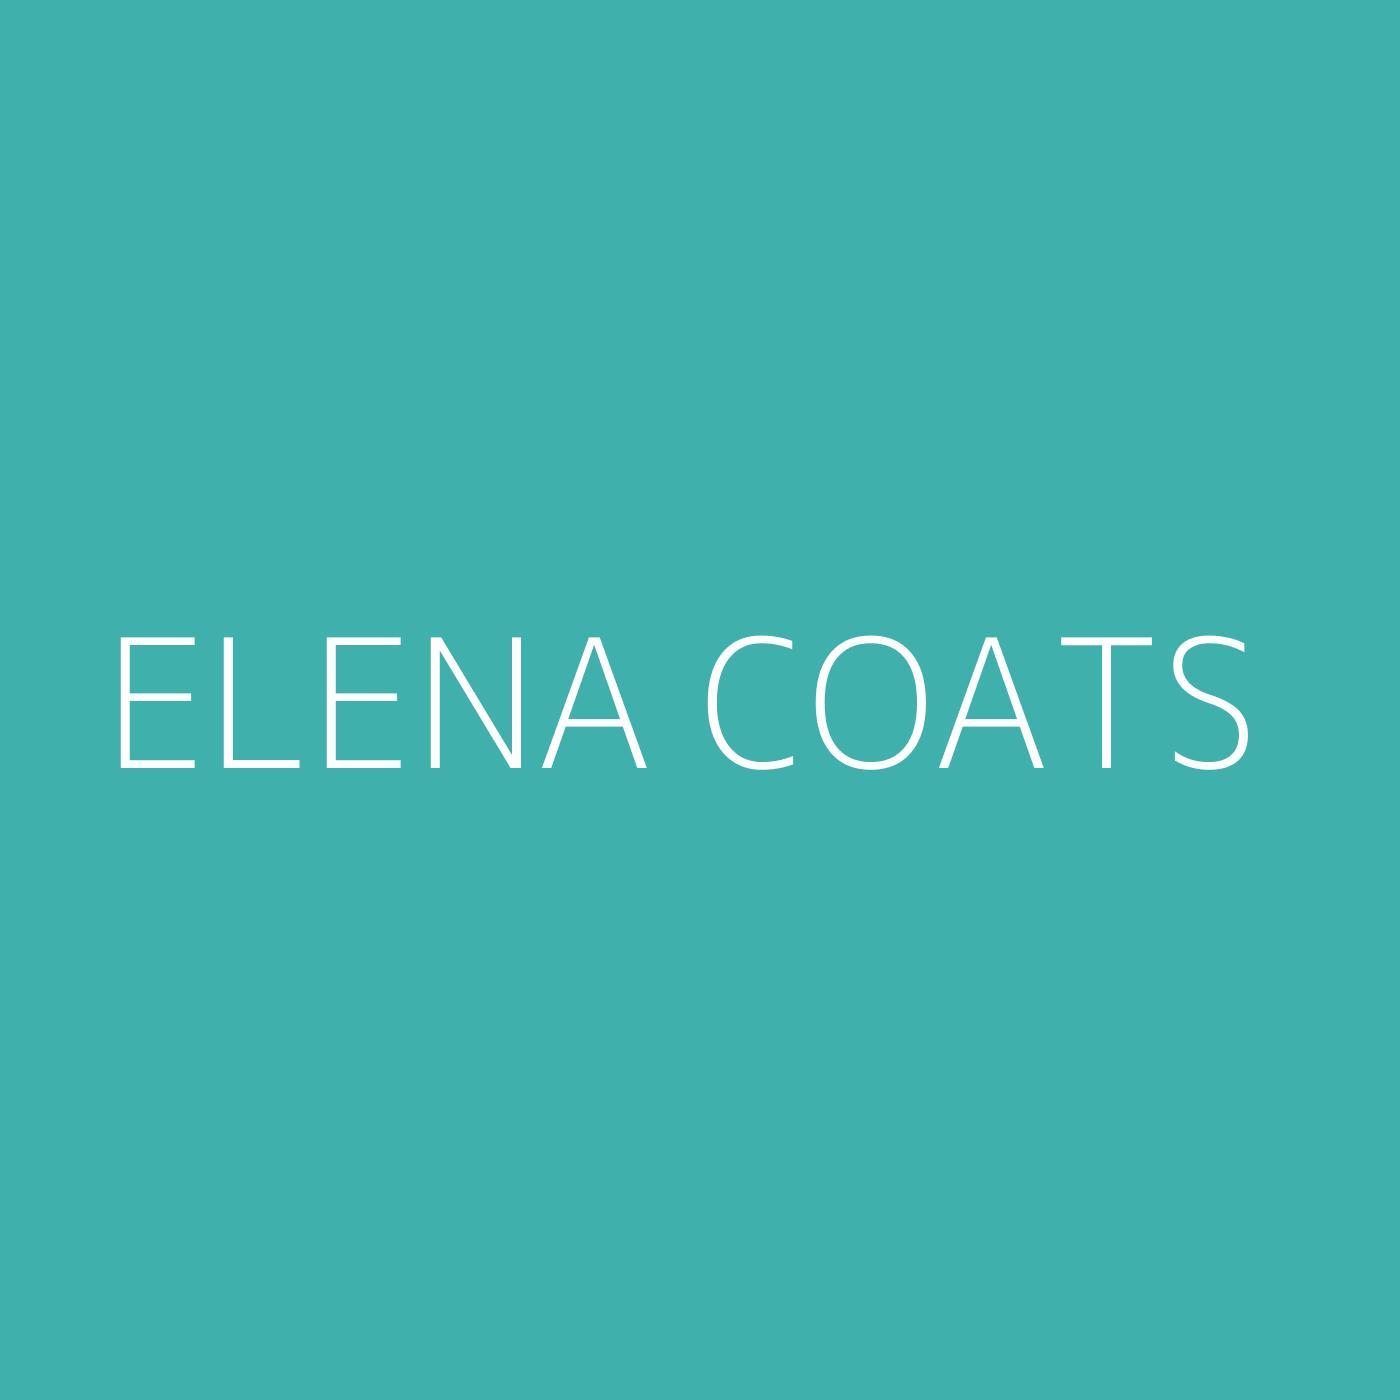 Elena Coats Playlist Artwork